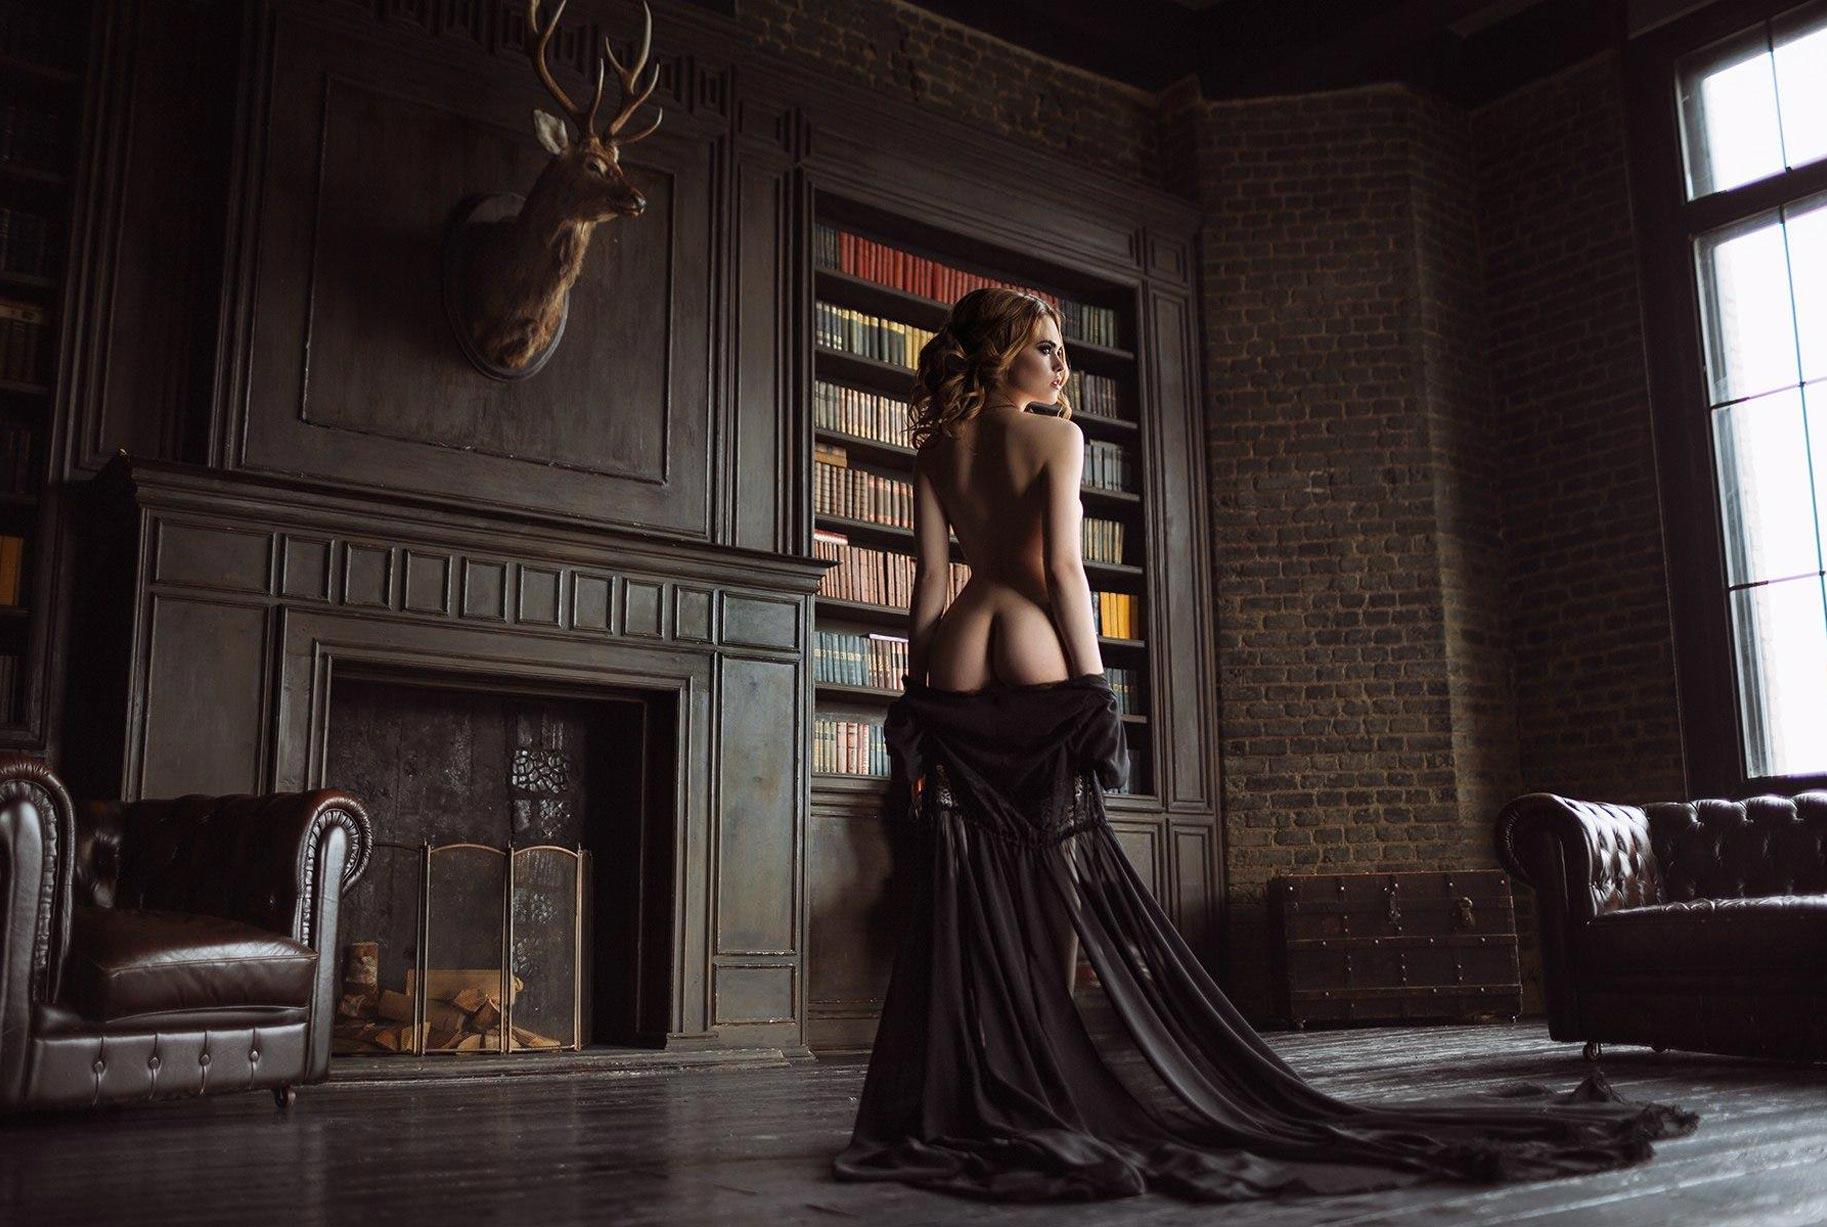 голая модель в винтажных интерьерах / сексуальная Эллина Мюллер / фото 21